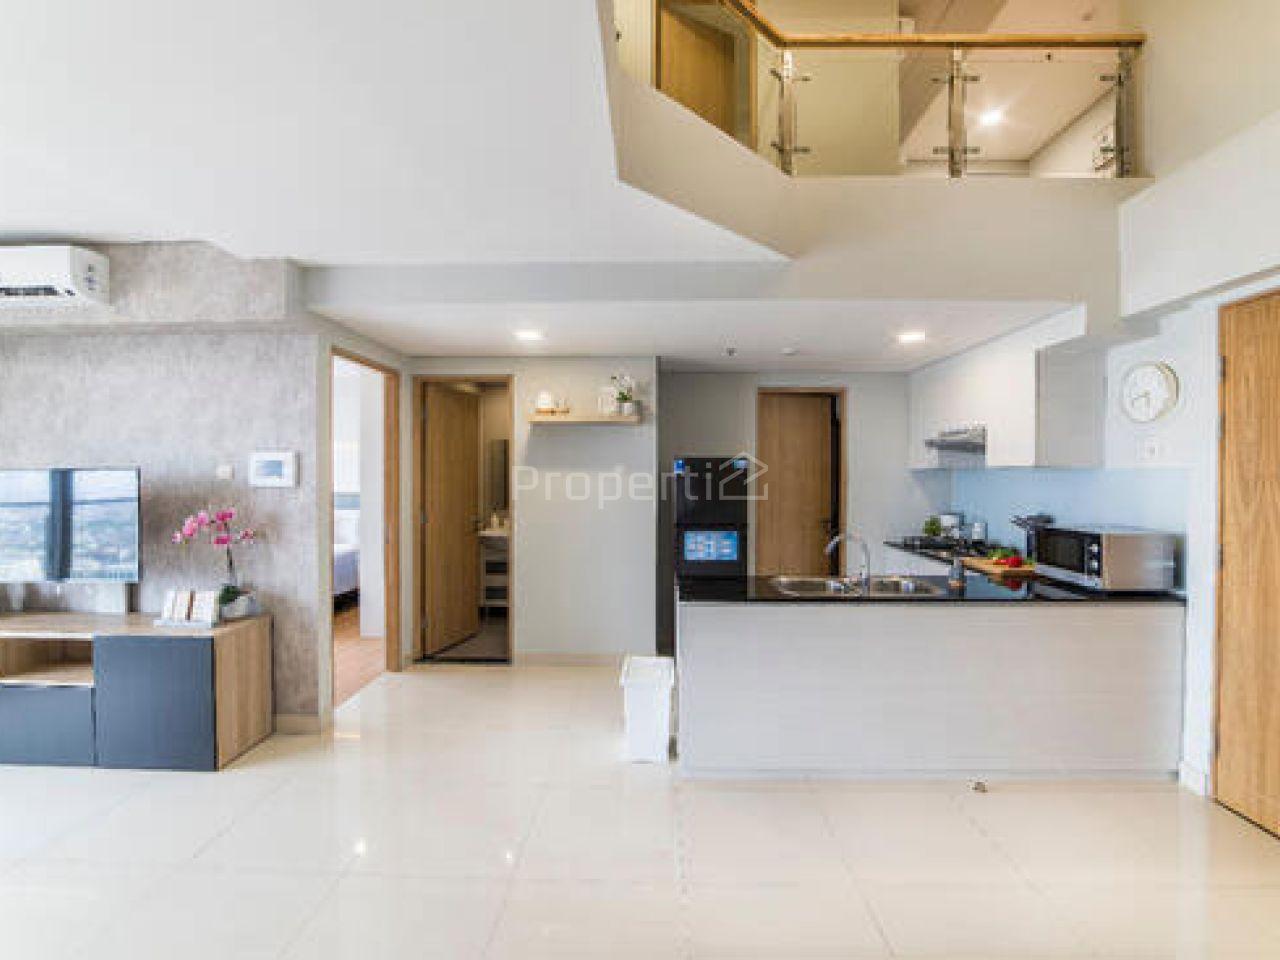 Unit Apartemen Luas di MAQNA Residence, Lantai 20, Jakarta Barat